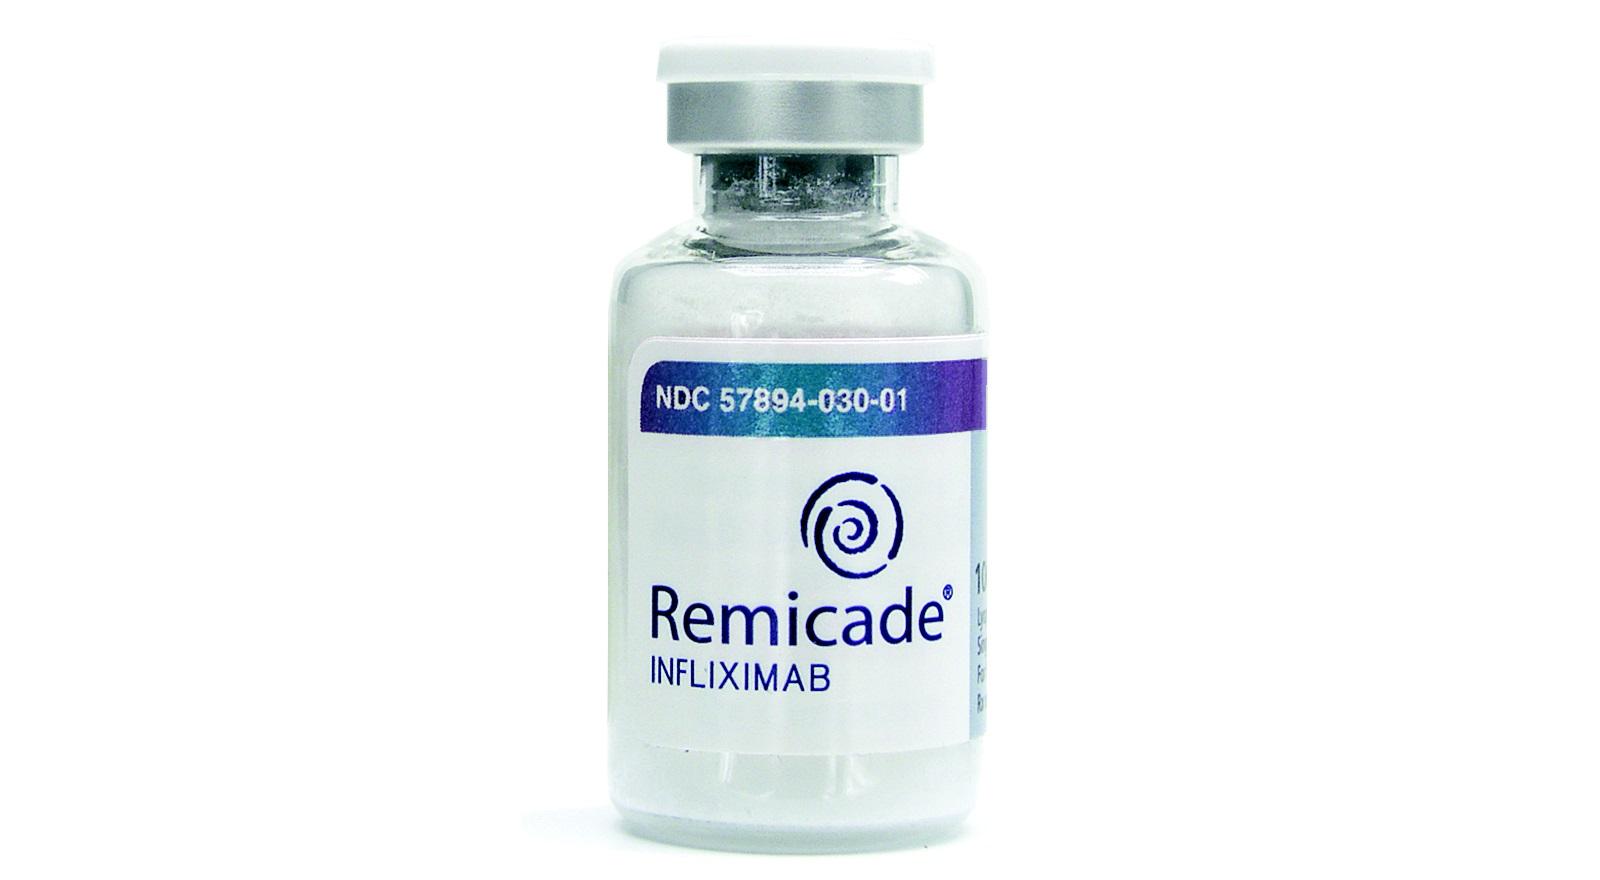 «Ремикейд» (Remicade) придуман в «Янссен байотек» (Janssen Biotech).